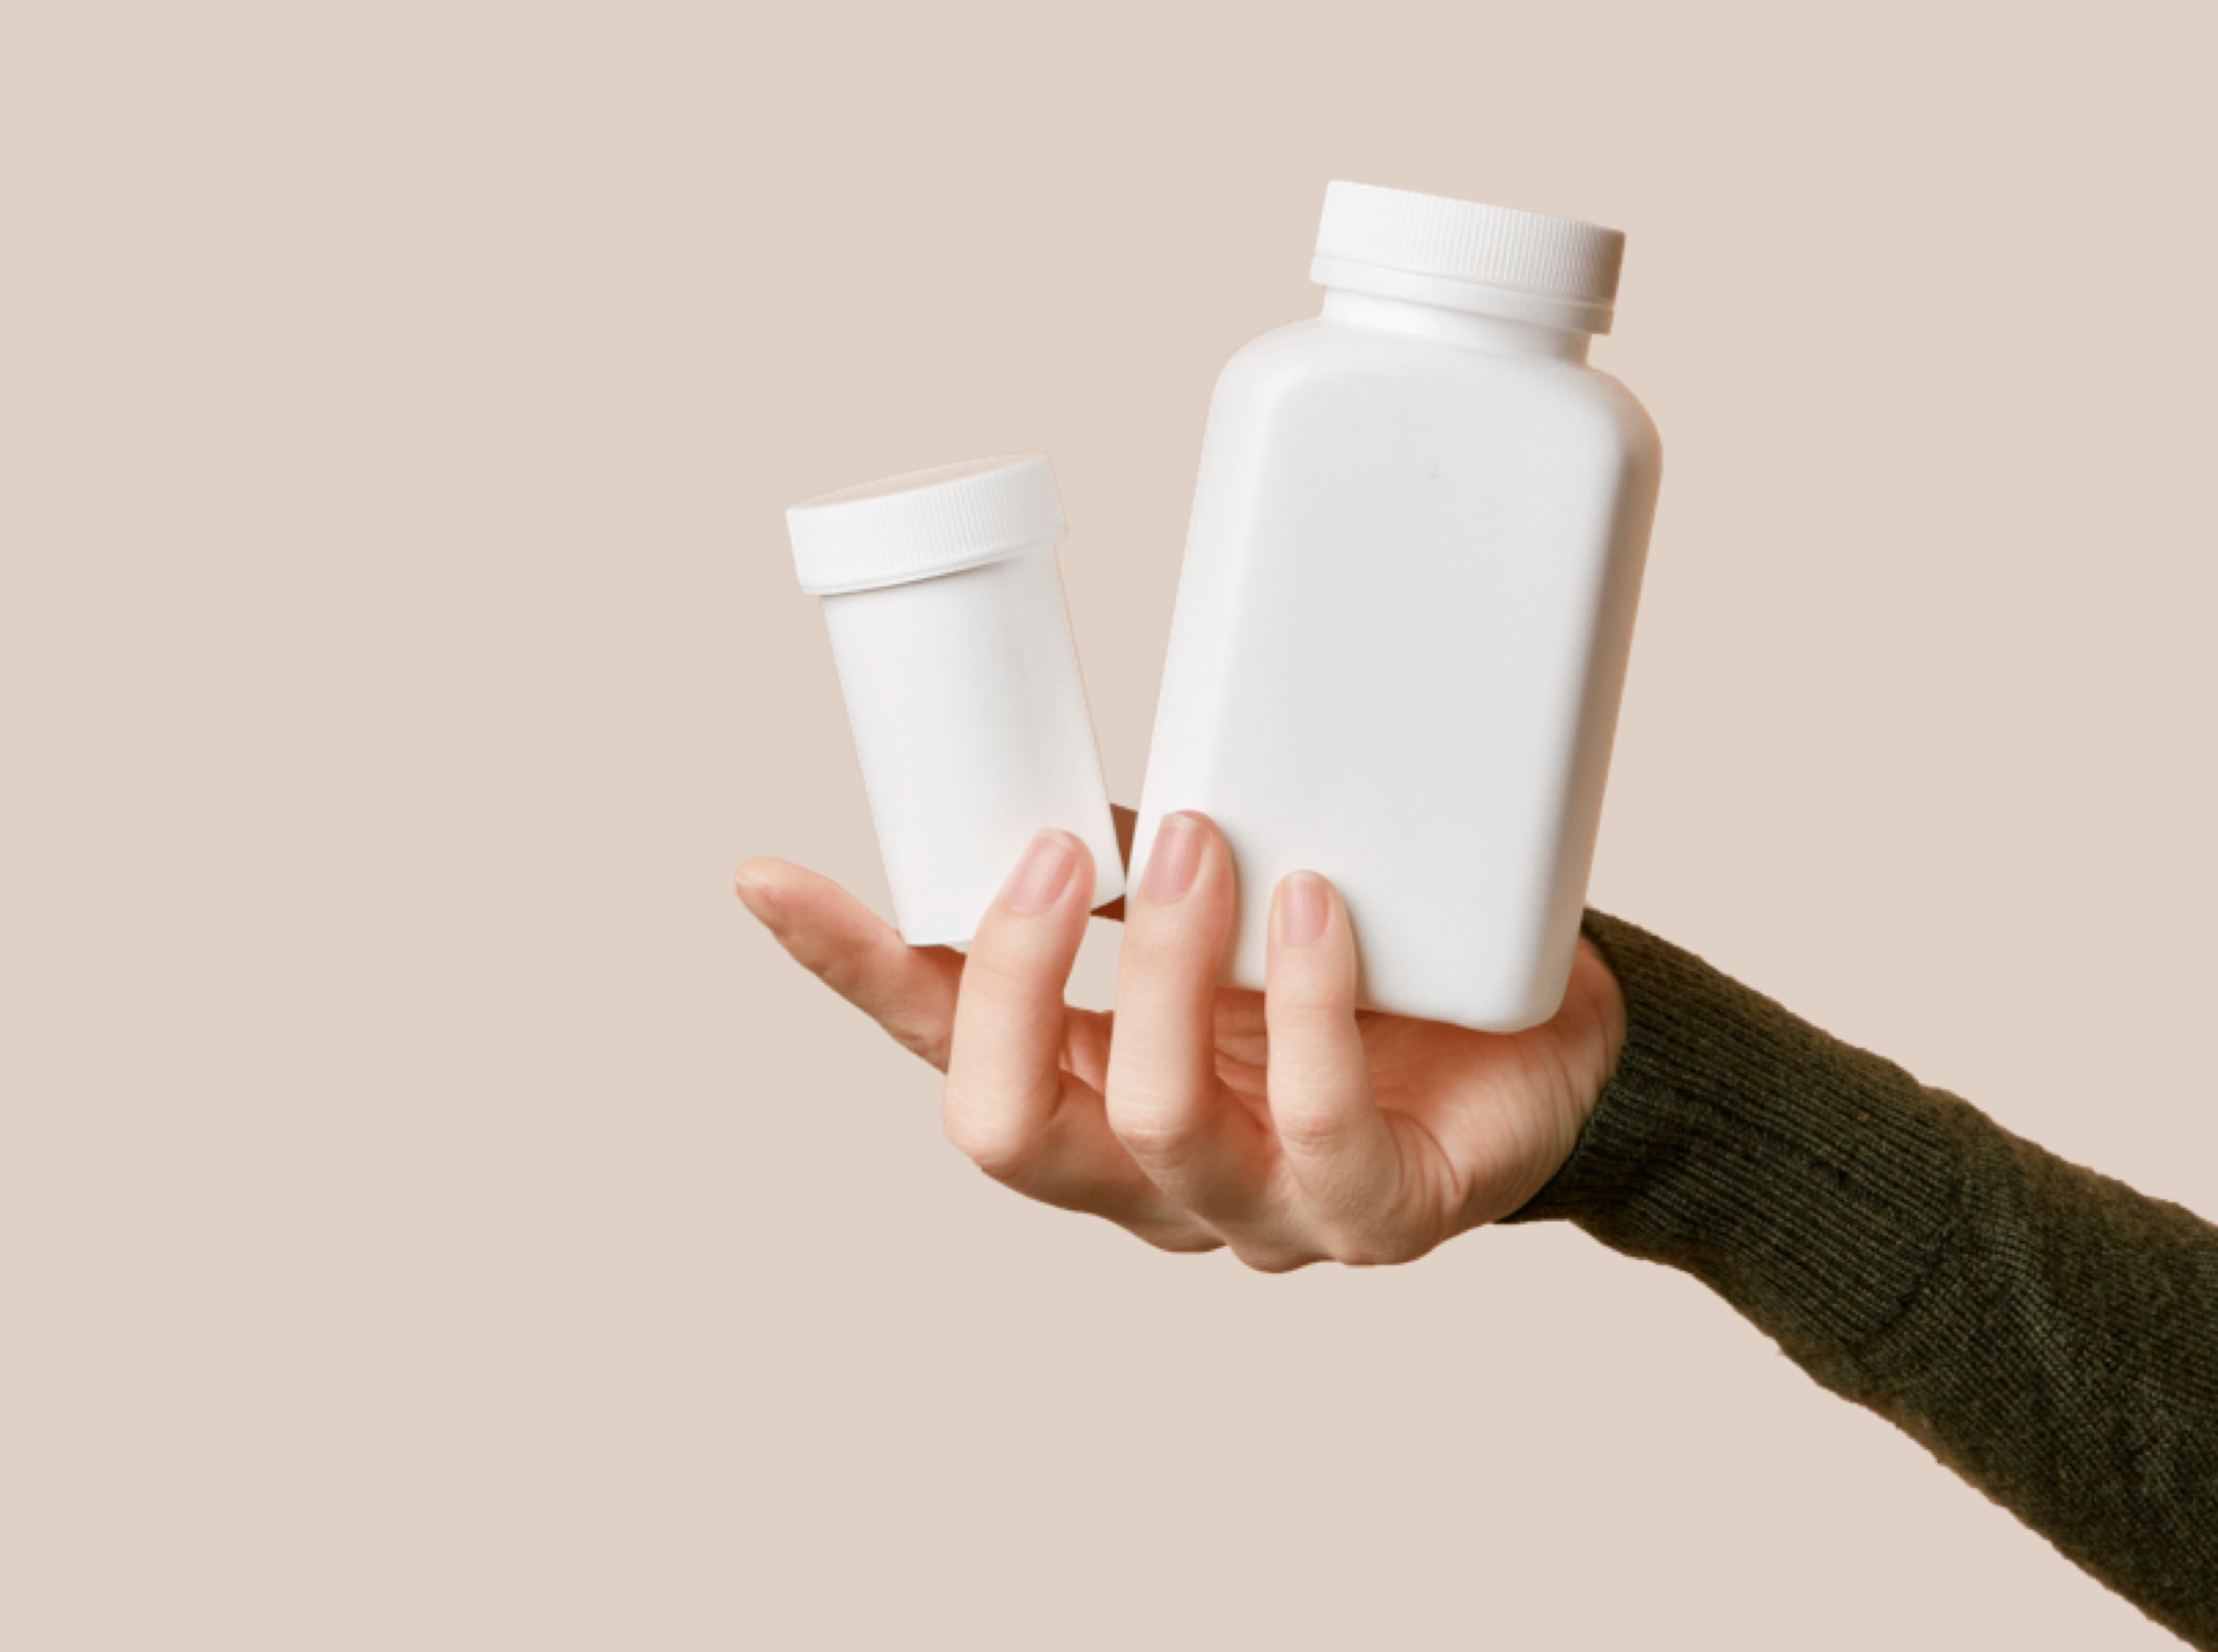 Hand holding white pill bottles.